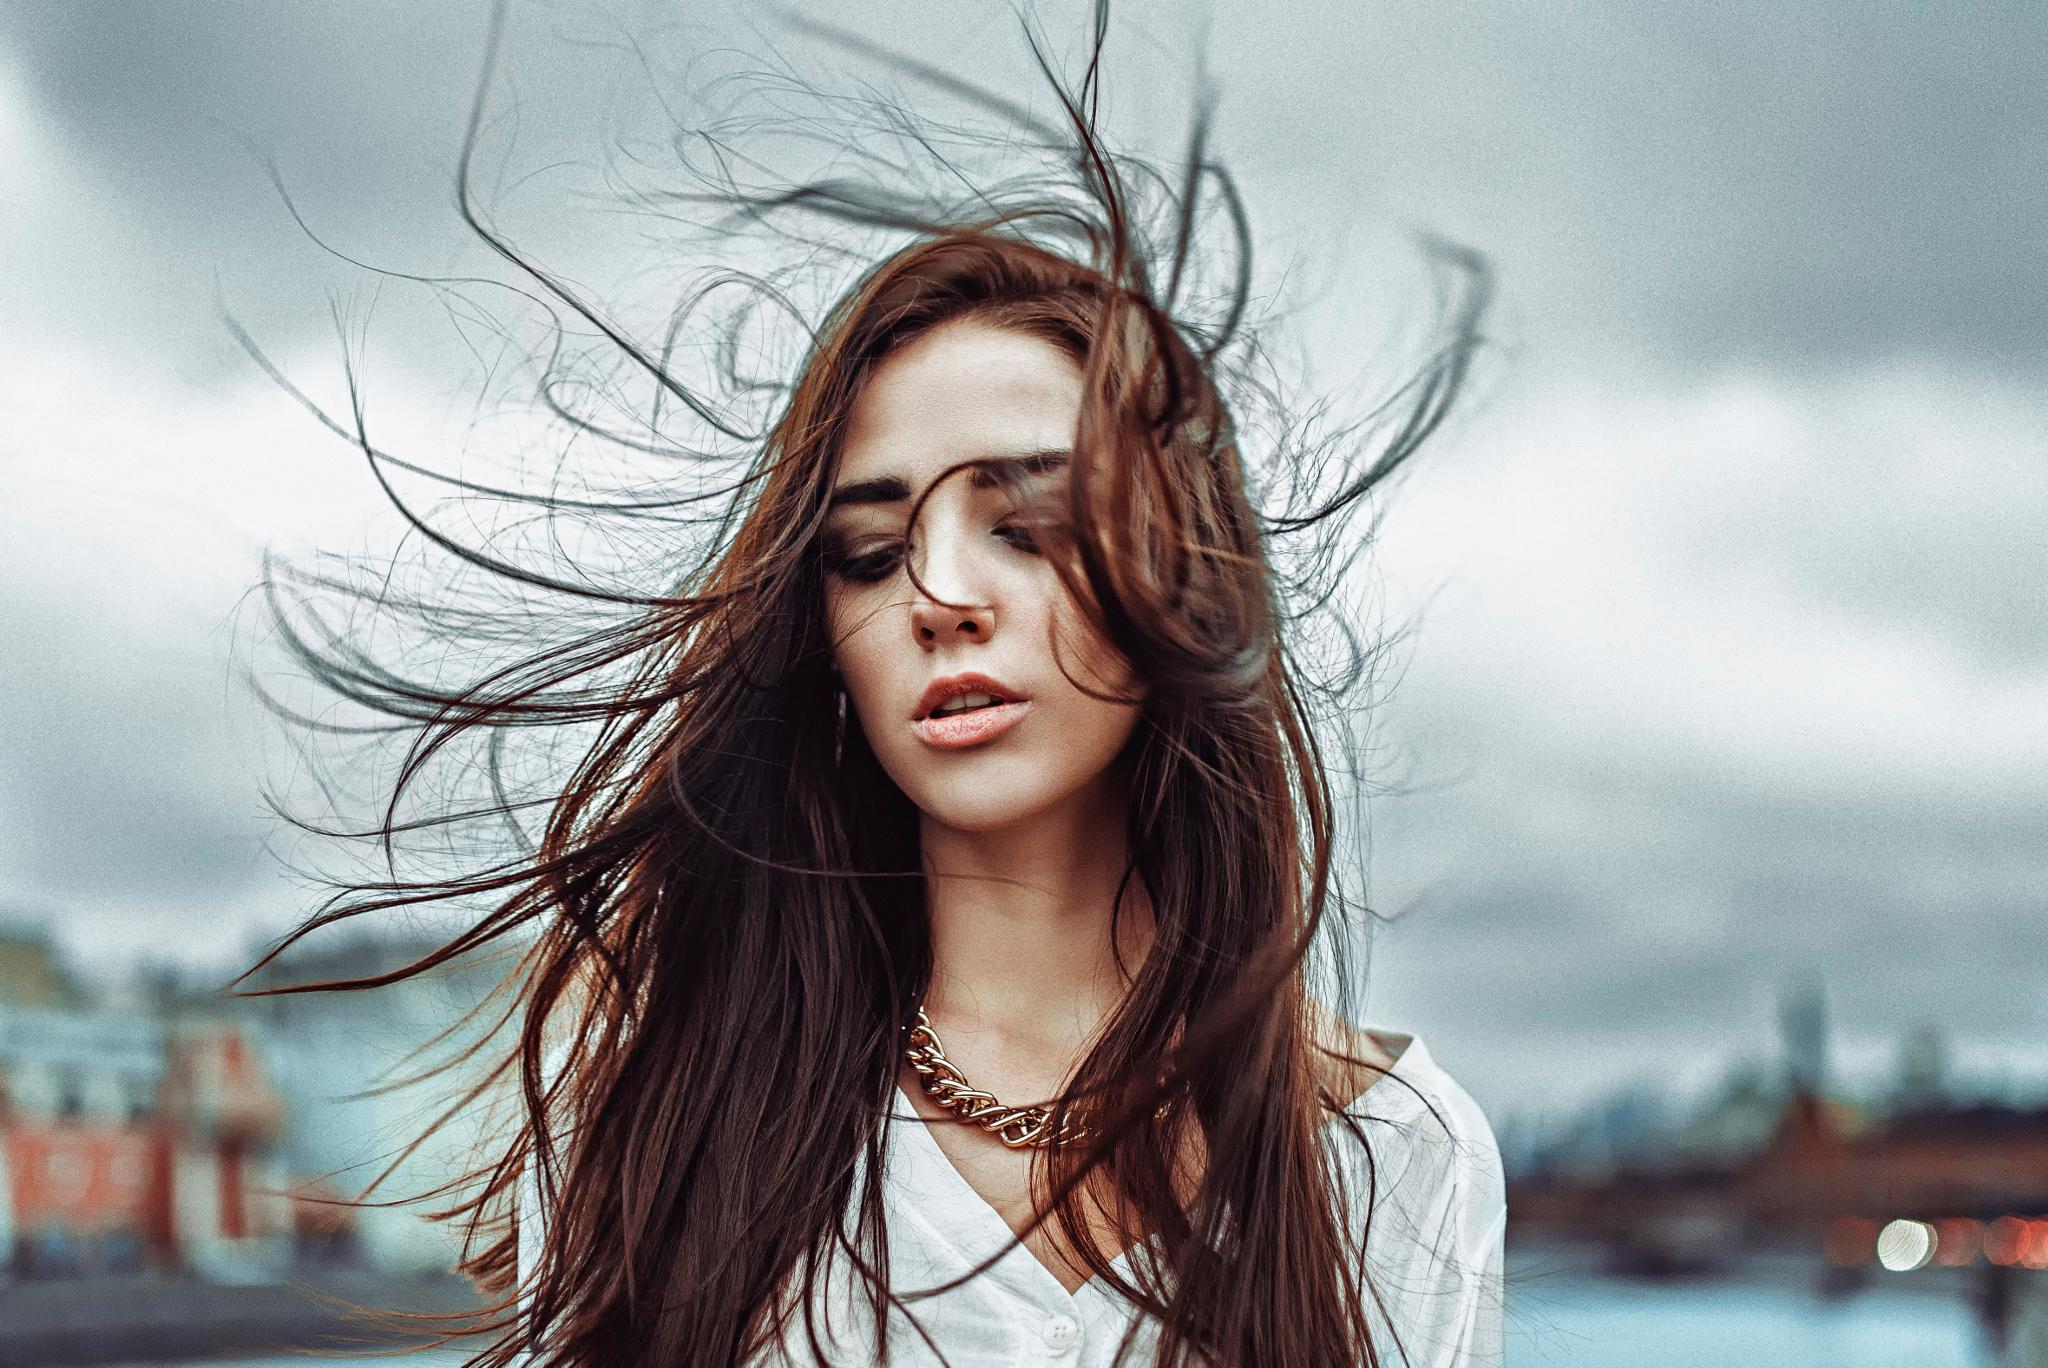 Как быстро высушить волосы, если под рукой не оказалось фена